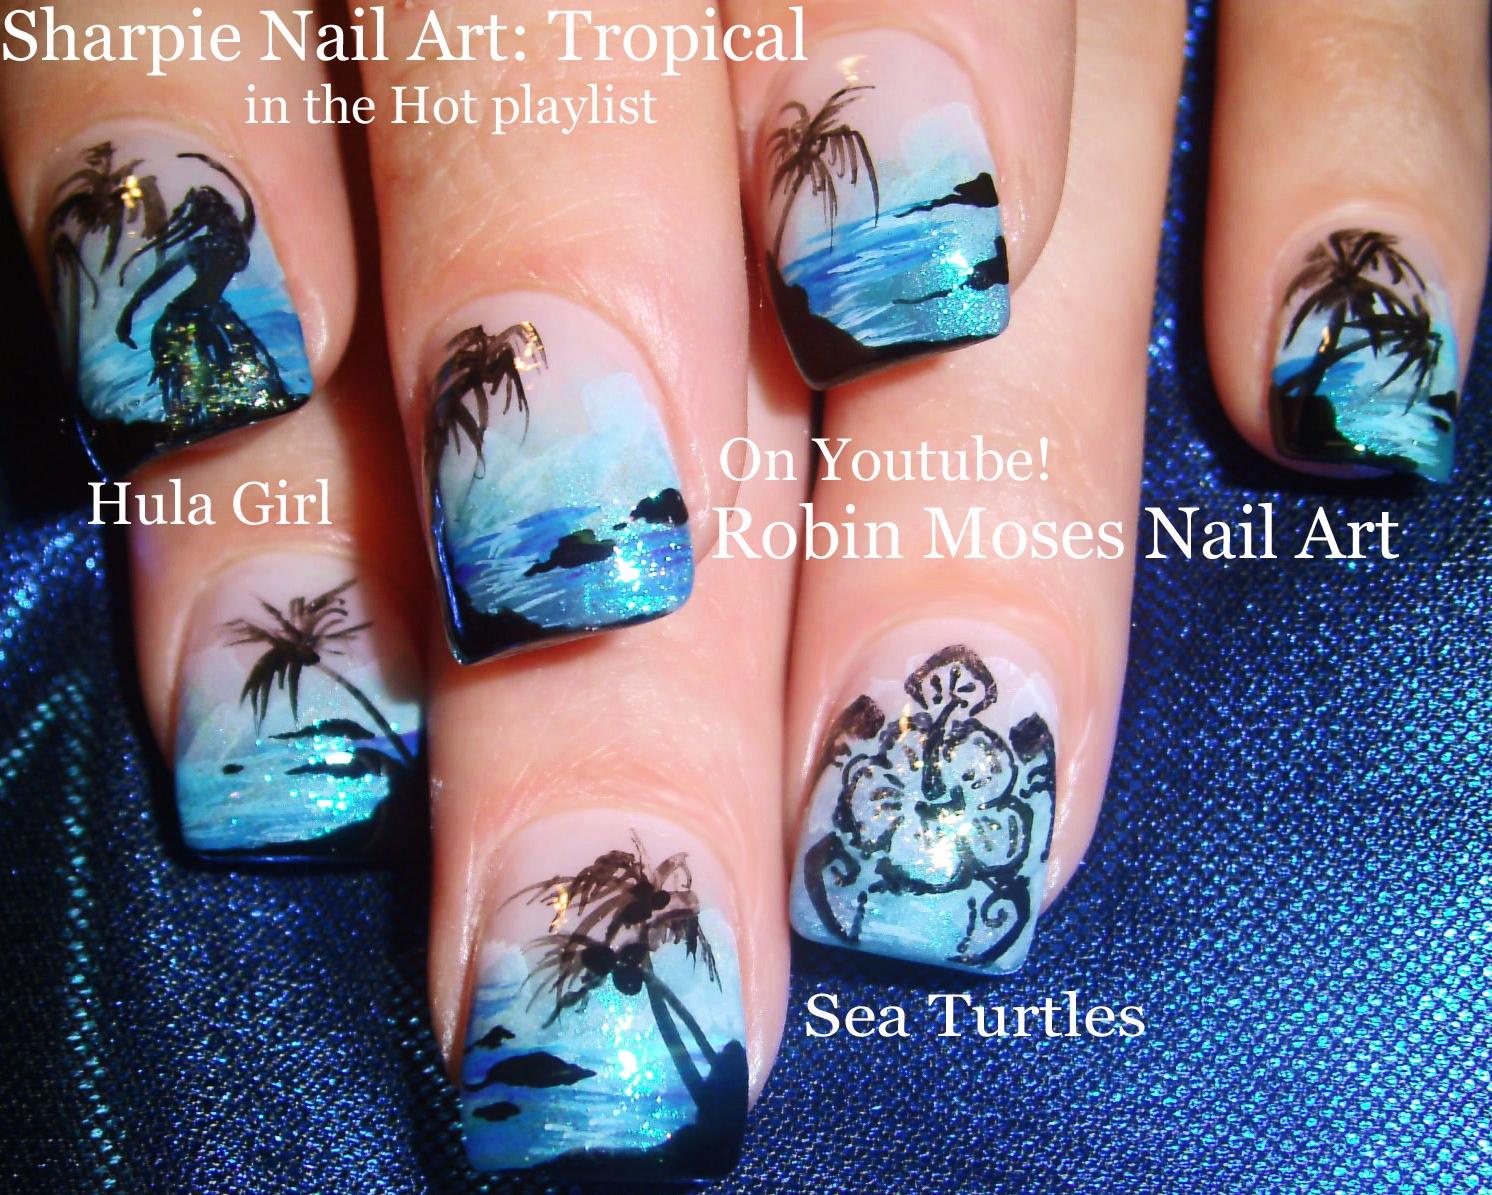 Nail Art by Robin Moses: Abstract Tropical Nails! \